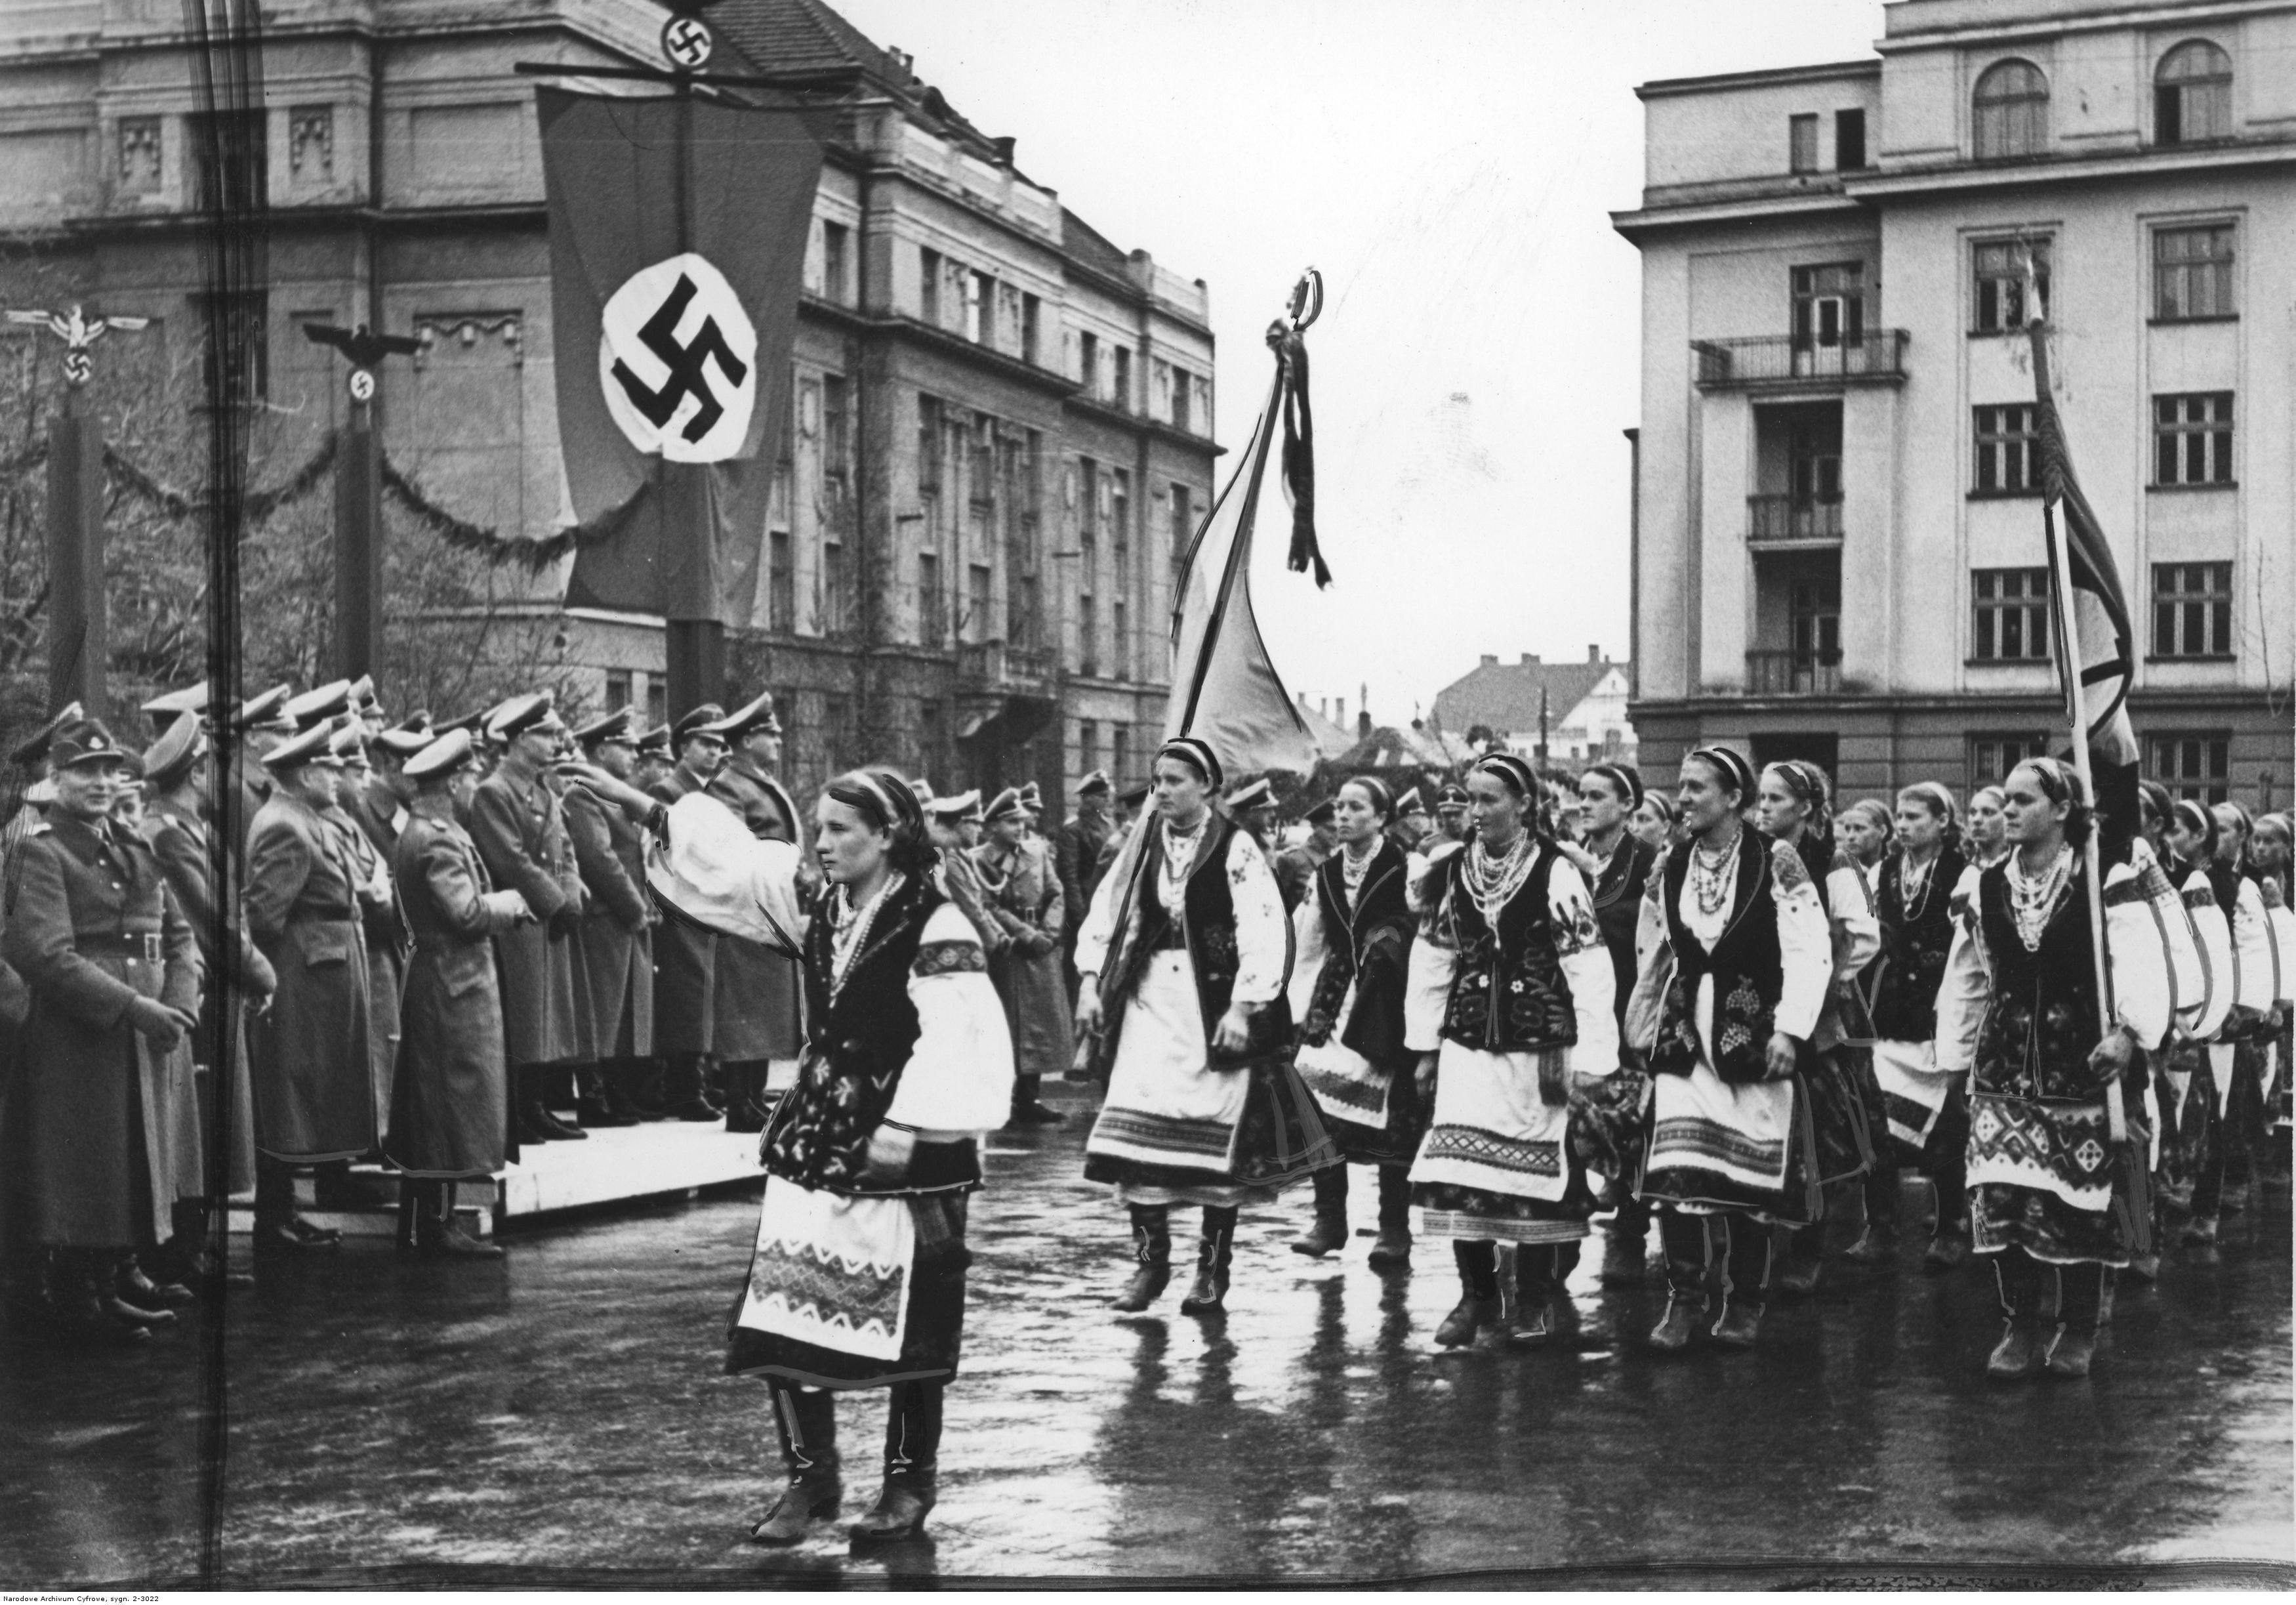 1941. Станислав. Генерал-губернатор Ганс Франк принимает парад украинской молодежи. Октябрь.